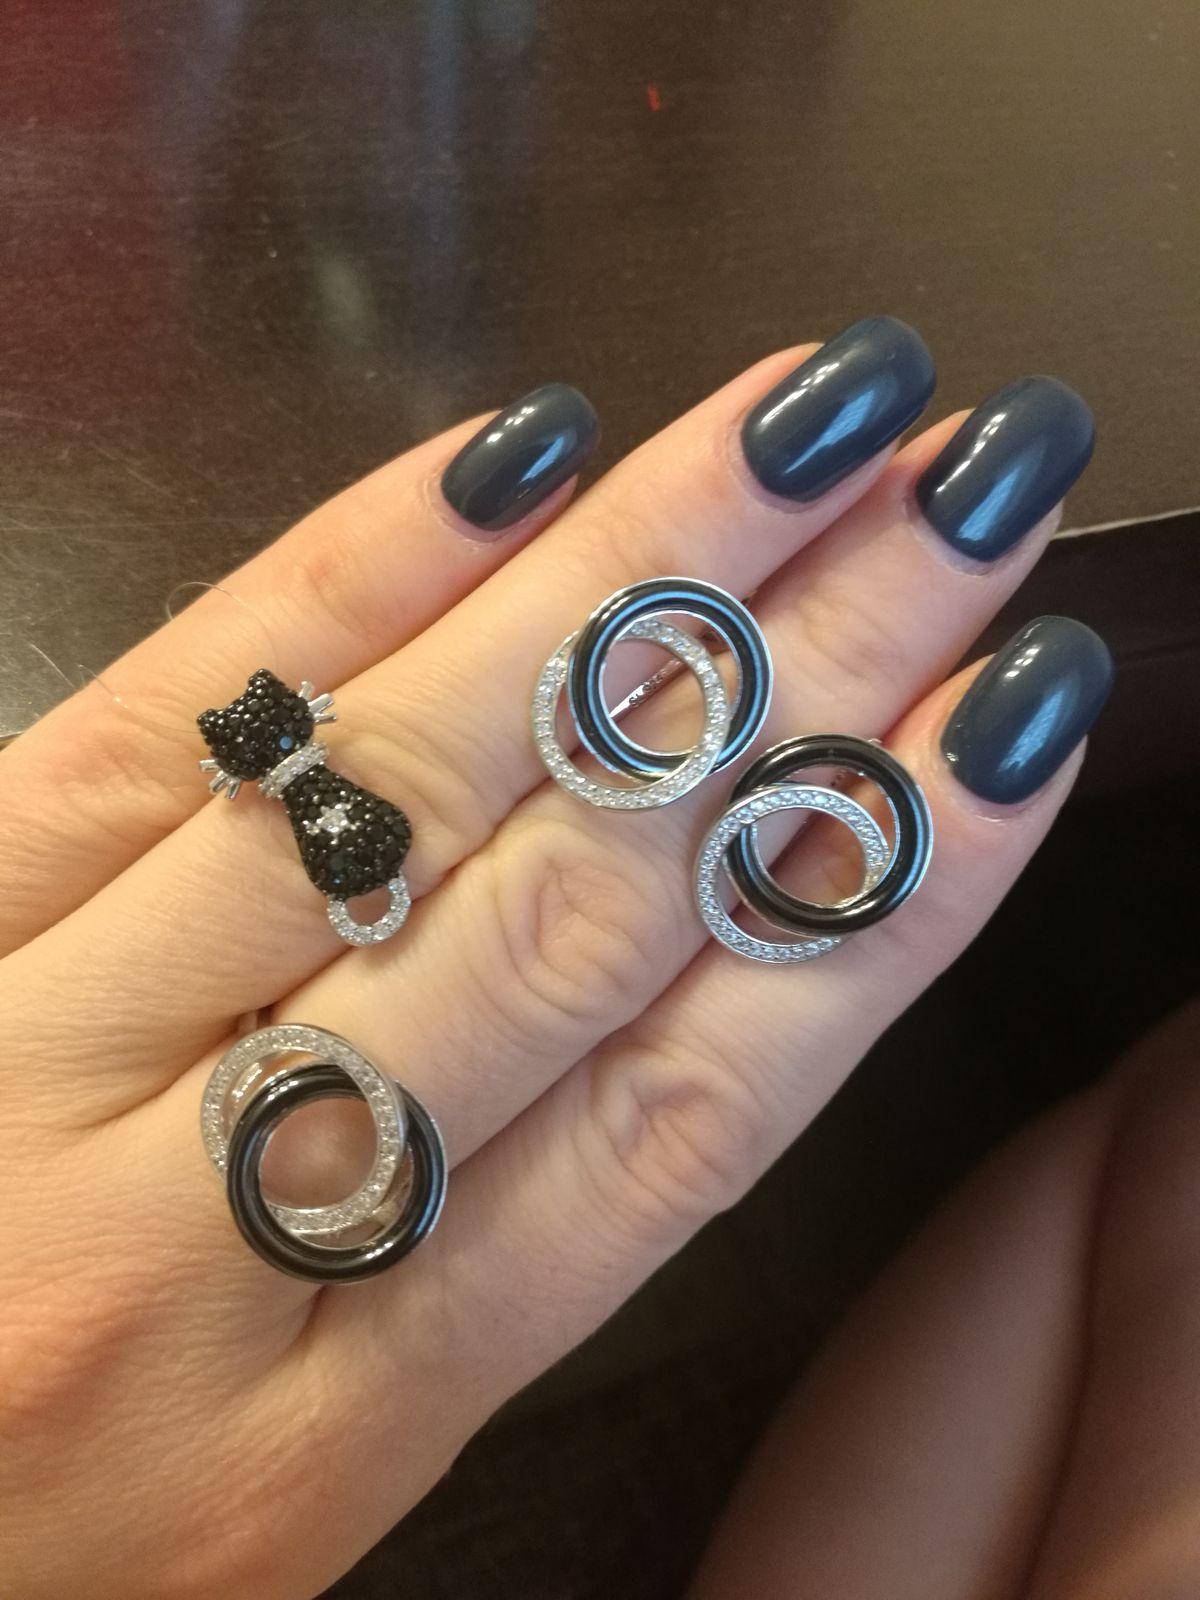 Кольцо, притягивающее взгляды!